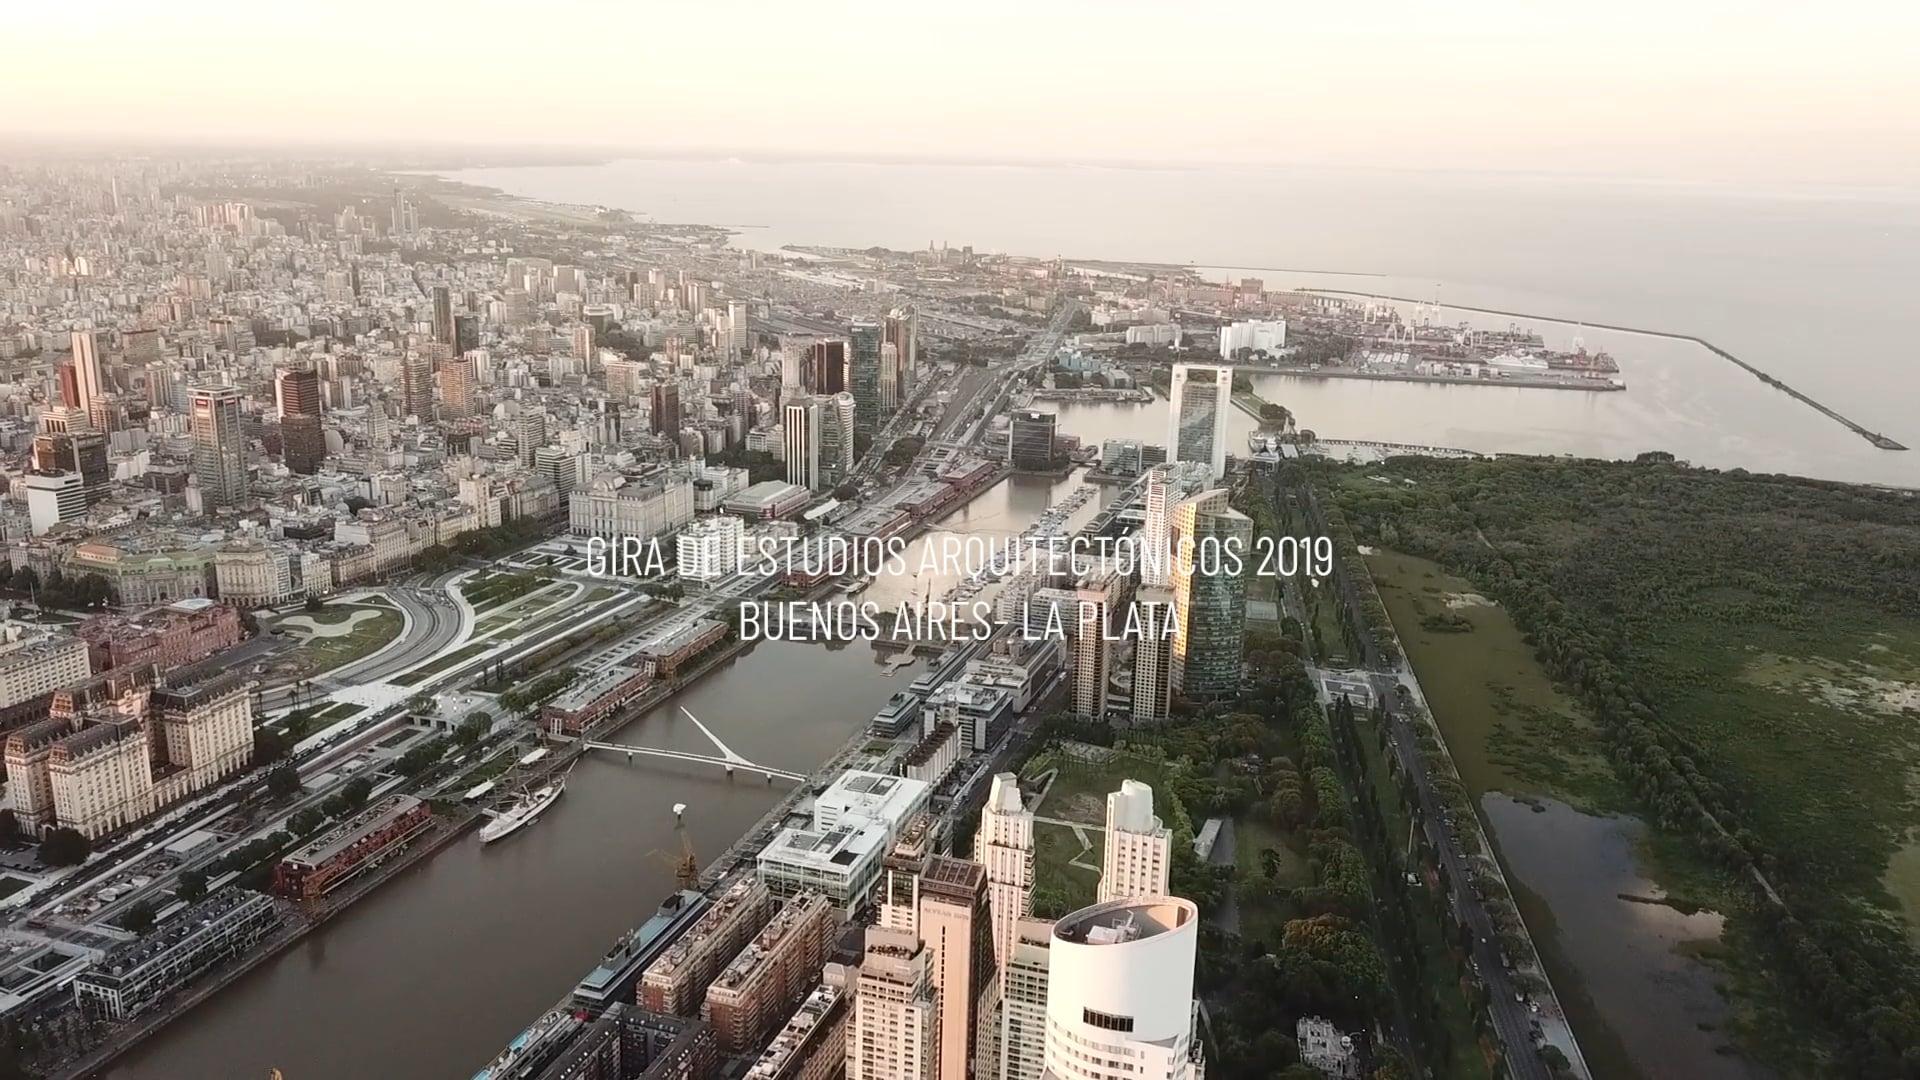 GIRA DE ESTUDIOS BUENOS AIRES-LA PLATA  2019 EAUSS